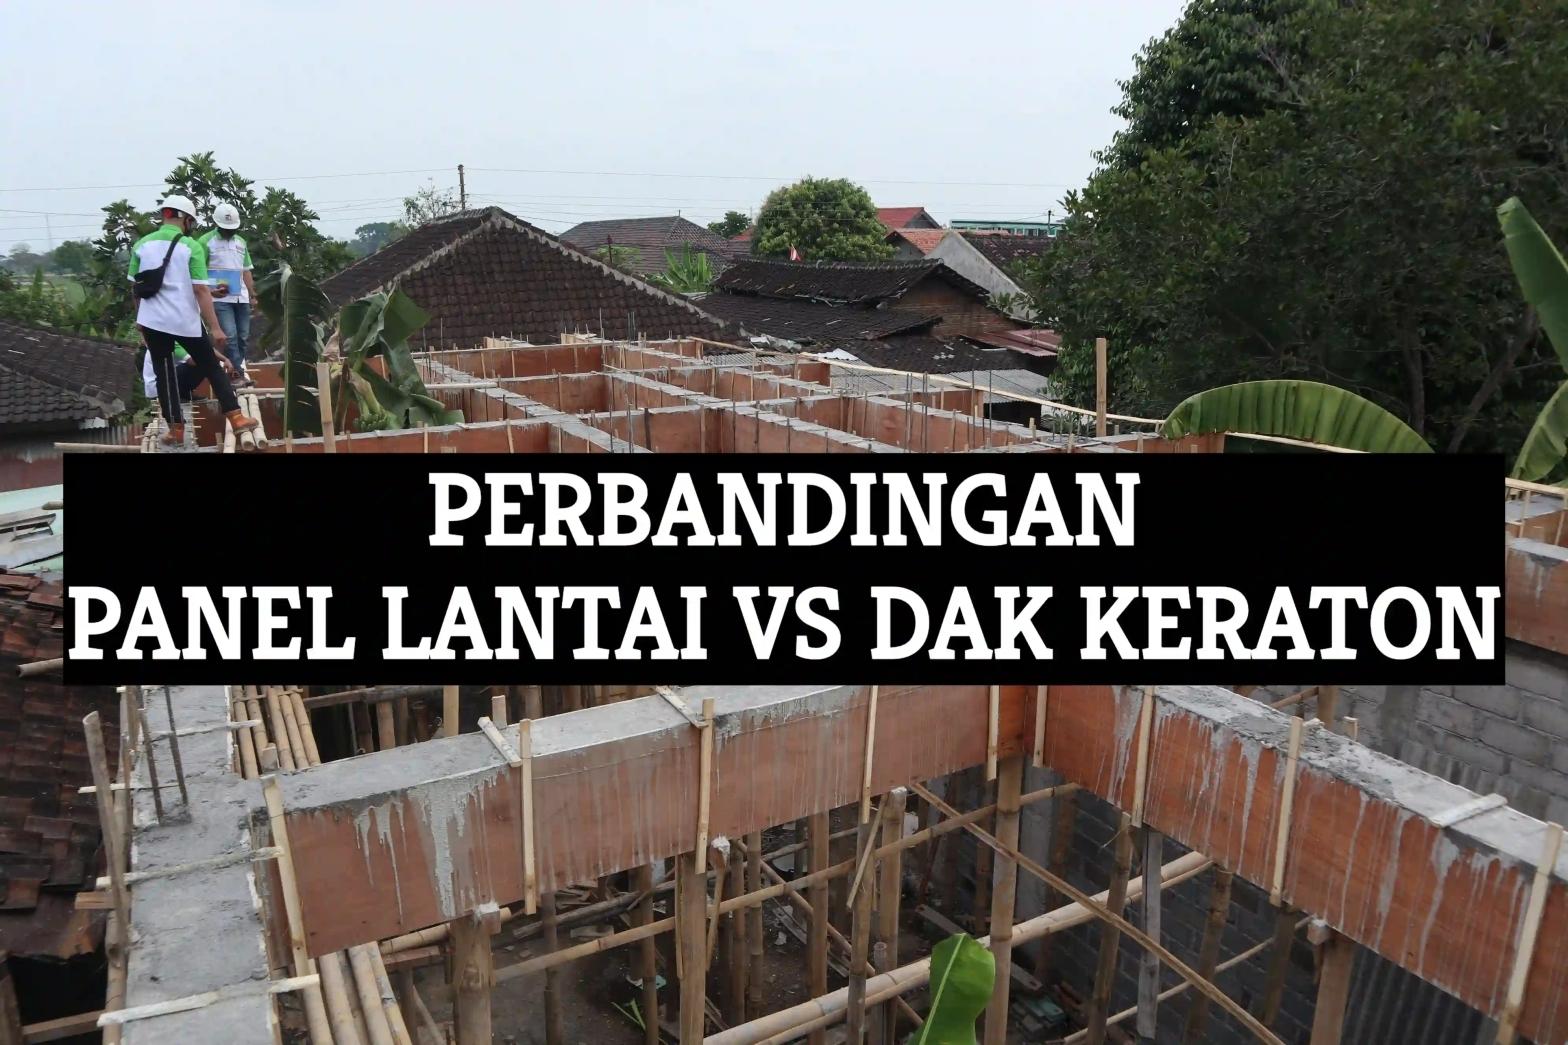 perbandingan panel lantai vs dak keraton